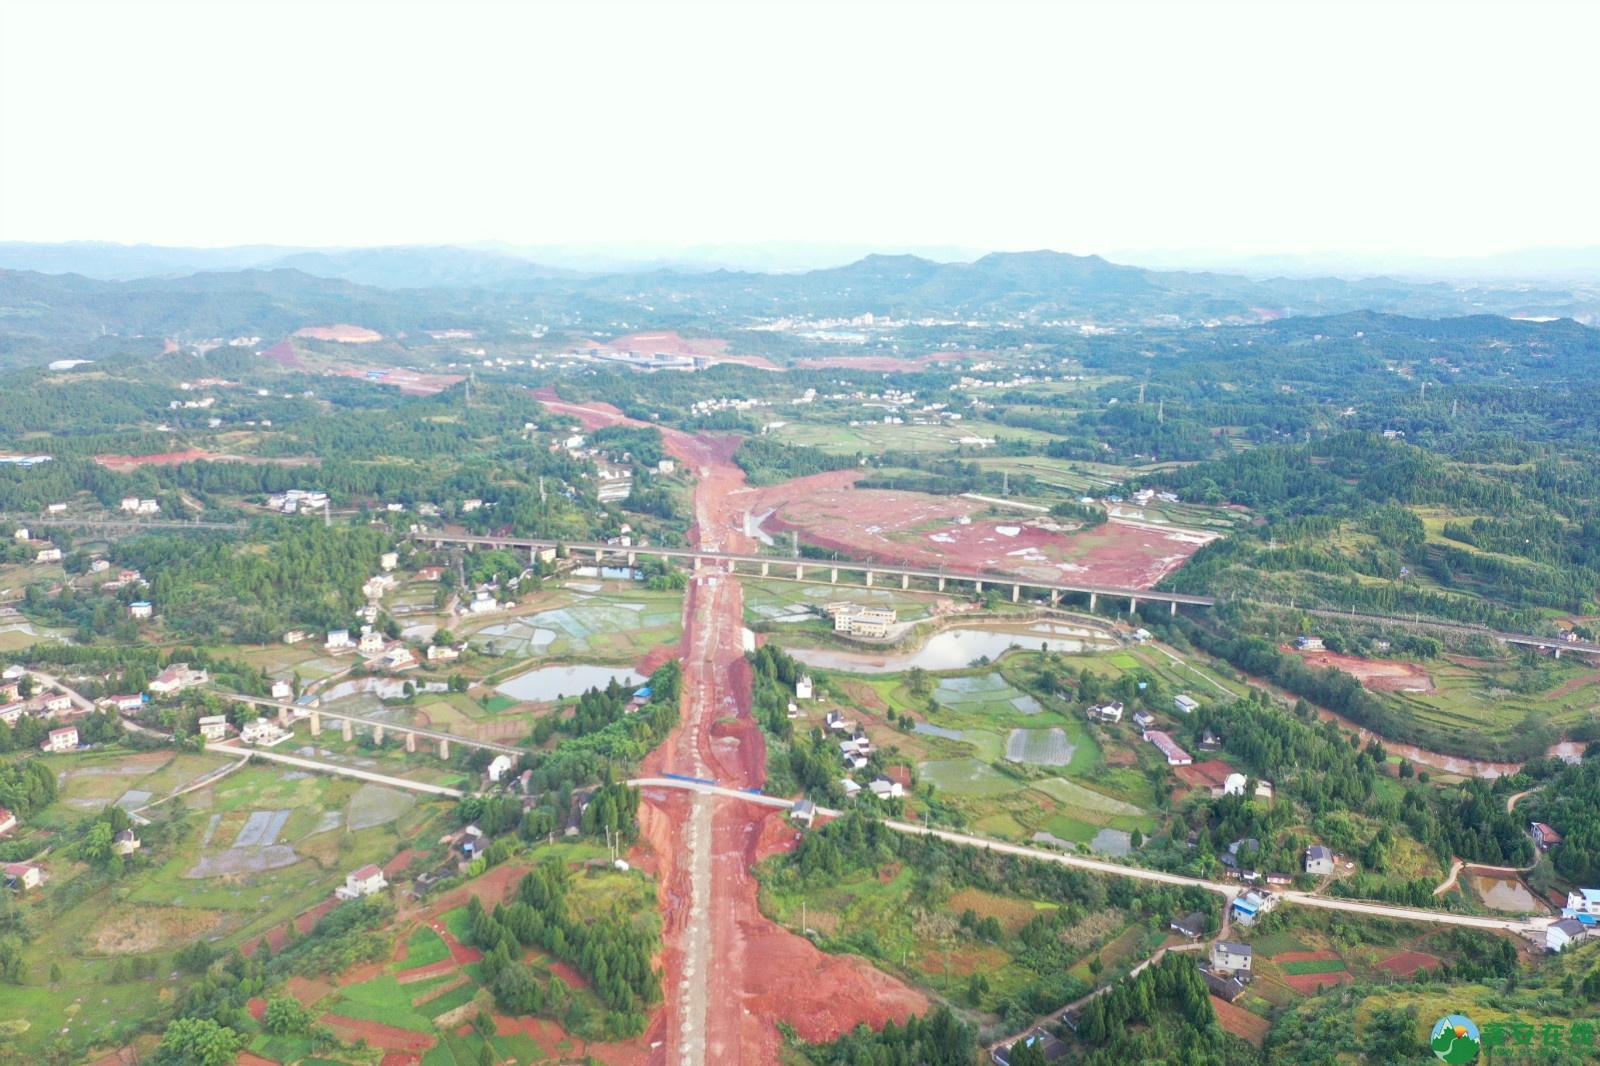 蓬安县顺蓬营一级公路最新进展(2019.10.16) - 第20张  | 蓬安在线